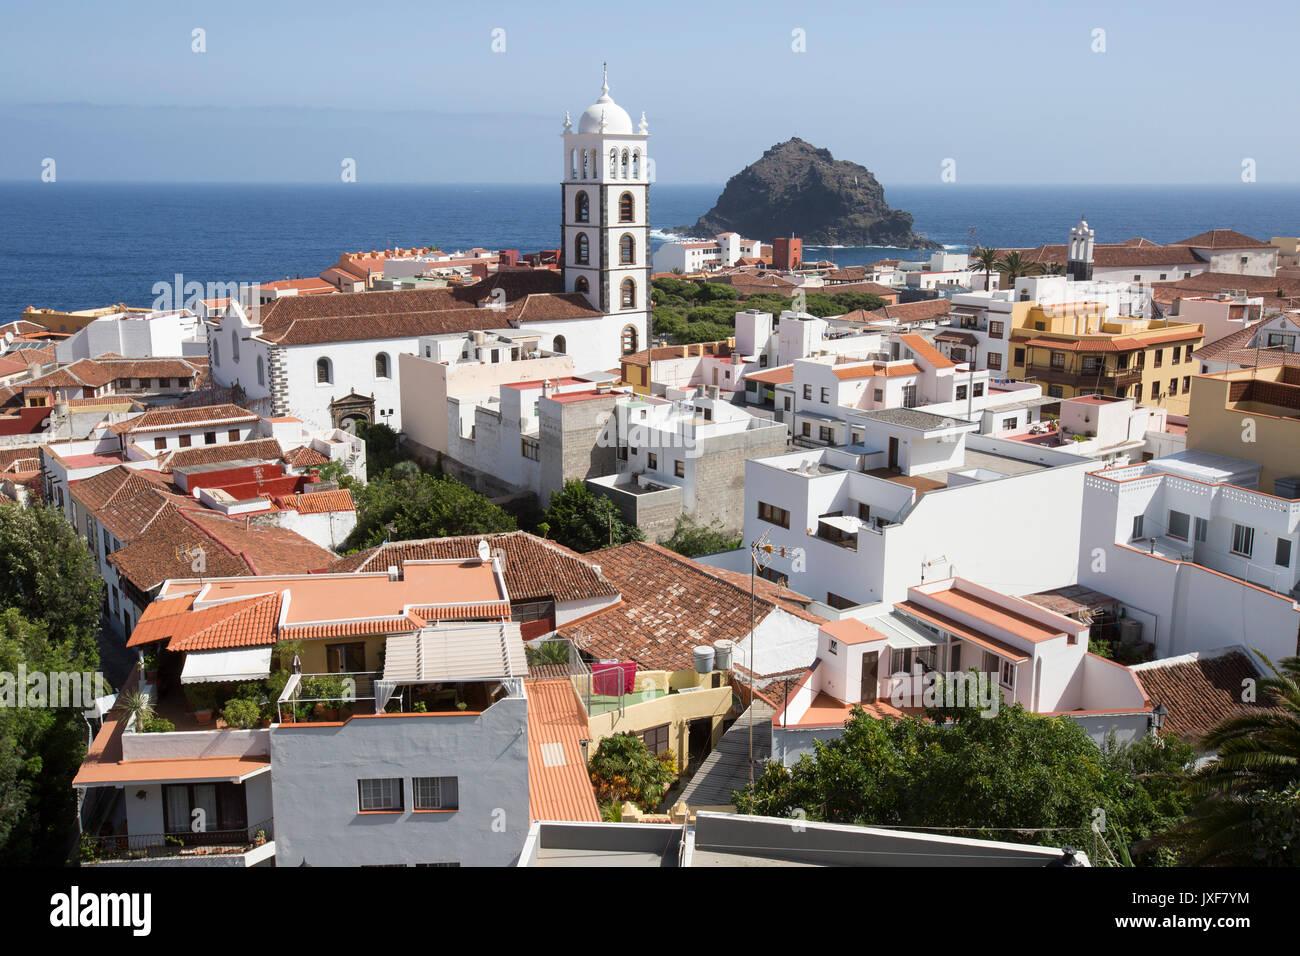 Die Stadt Garachico auf Teneriffa, Kanarische Inseln. Stockfoto